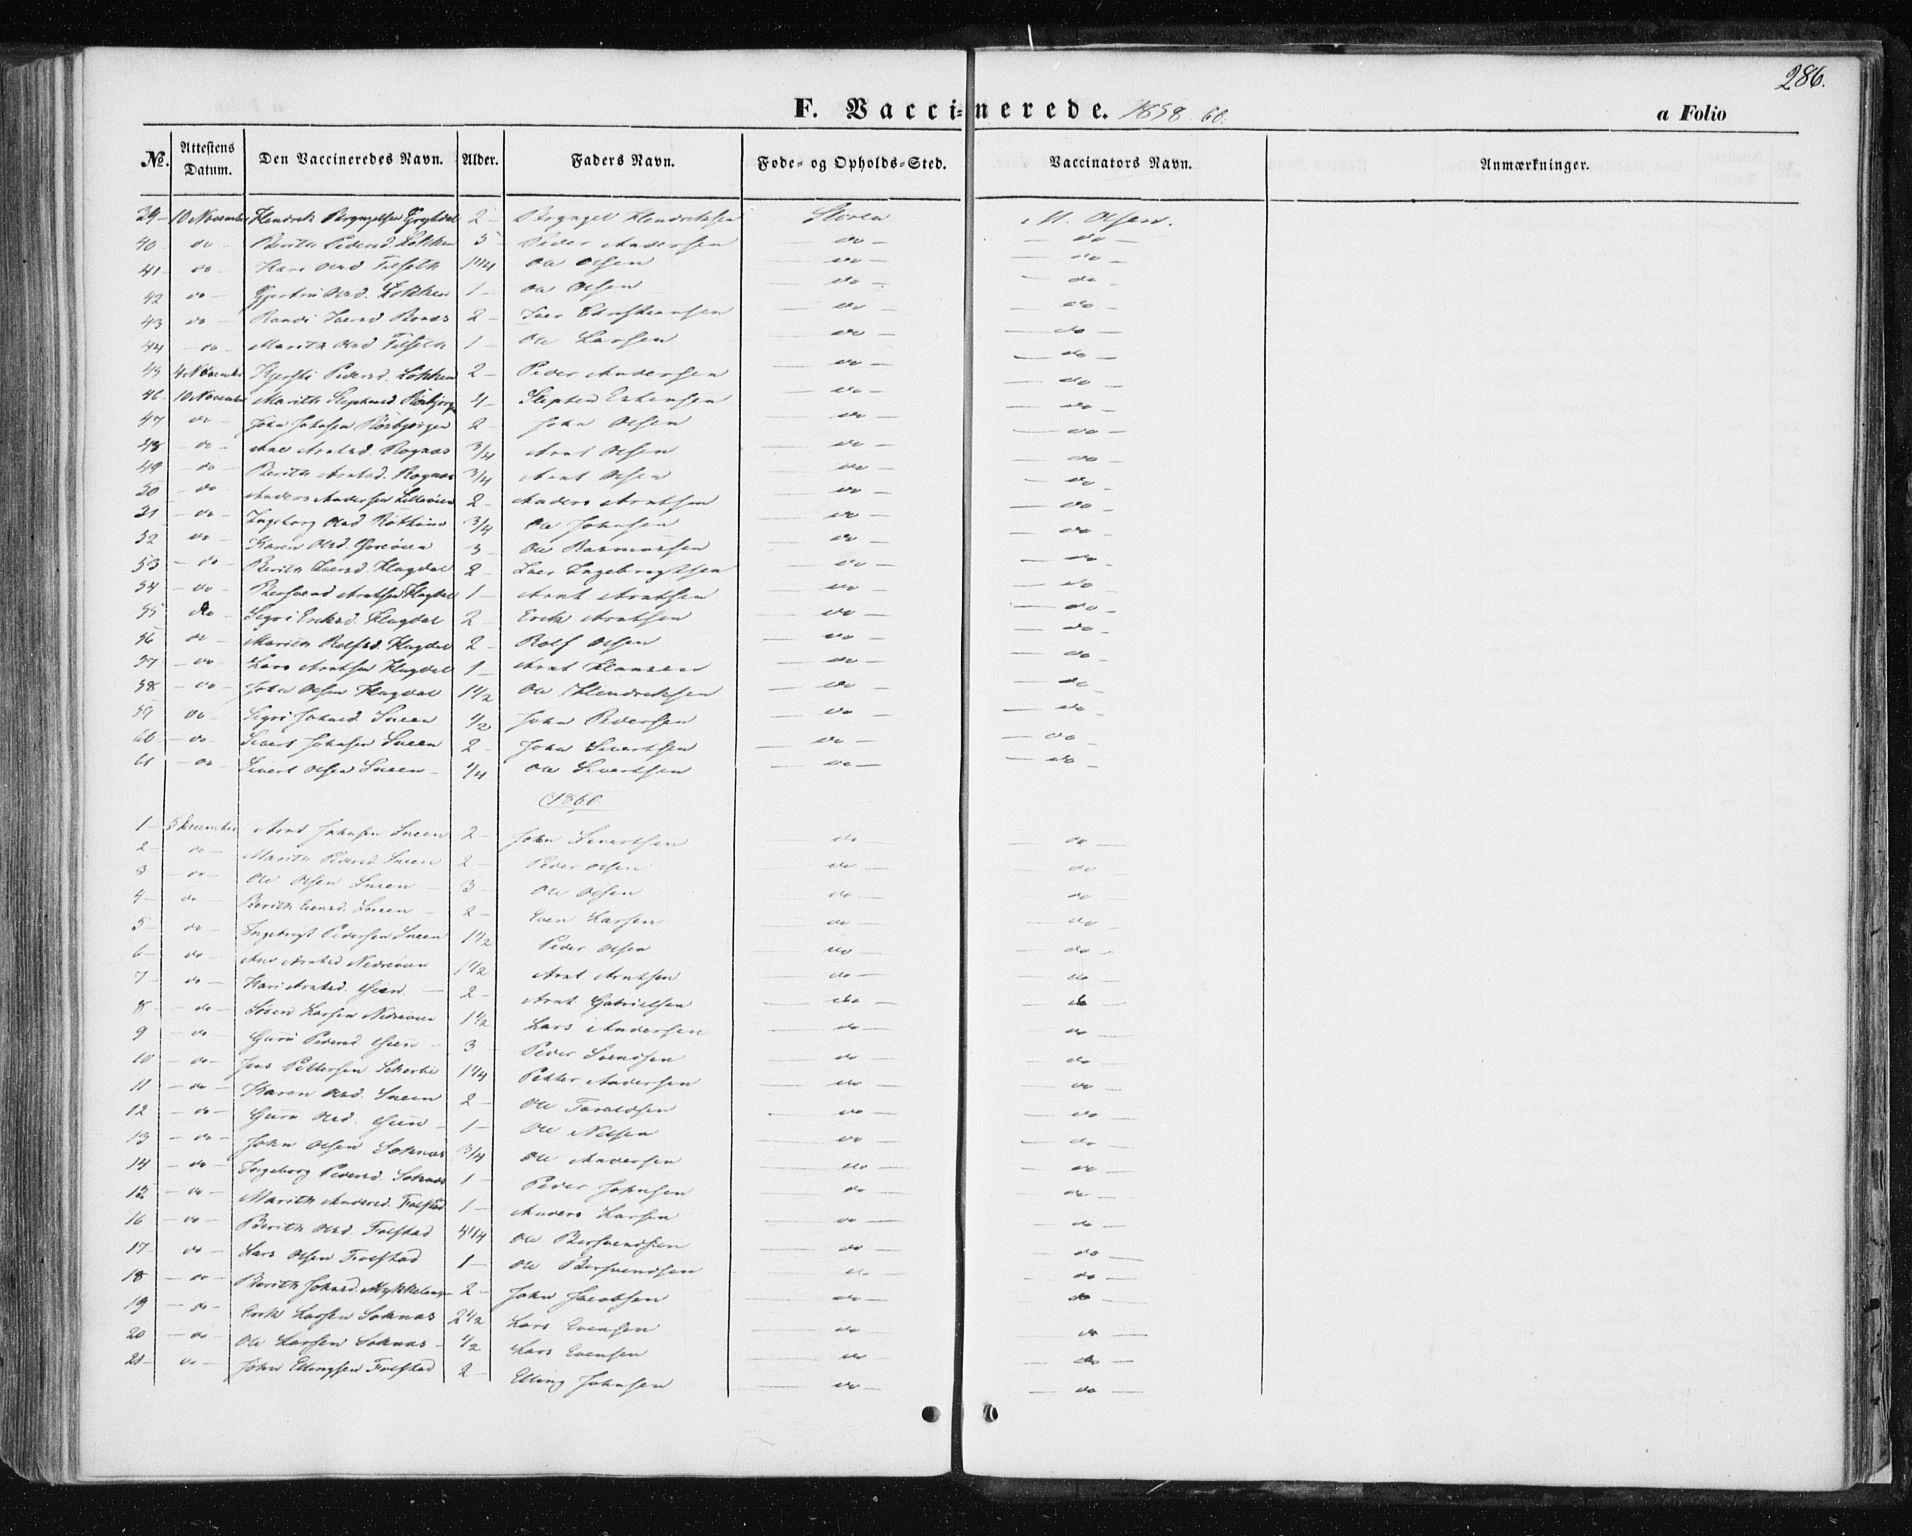 SAT, Ministerialprotokoller, klokkerbøker og fødselsregistre - Sør-Trøndelag, 687/L1000: Ministerialbok nr. 687A06, 1848-1869, s. 286